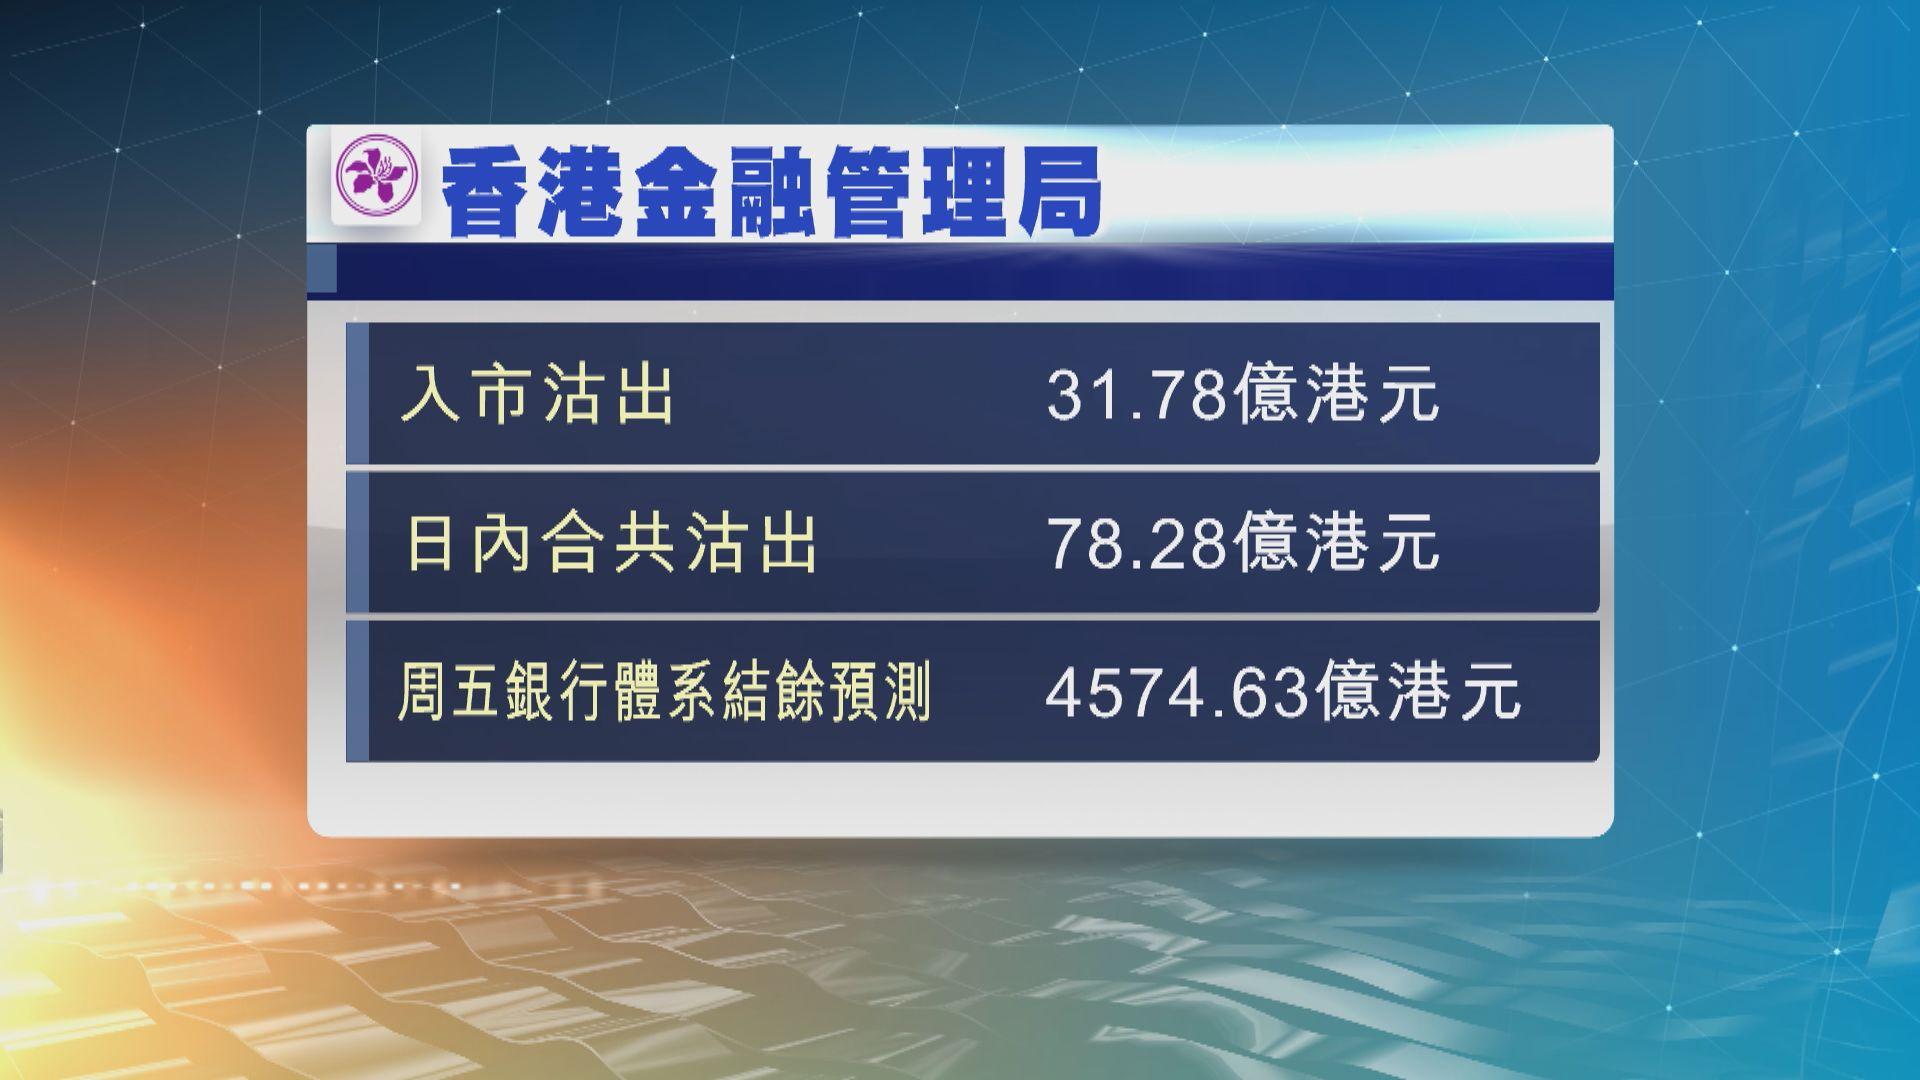 螞蟻集團招股熱錢持續流入香港 金融管理局今早再入市